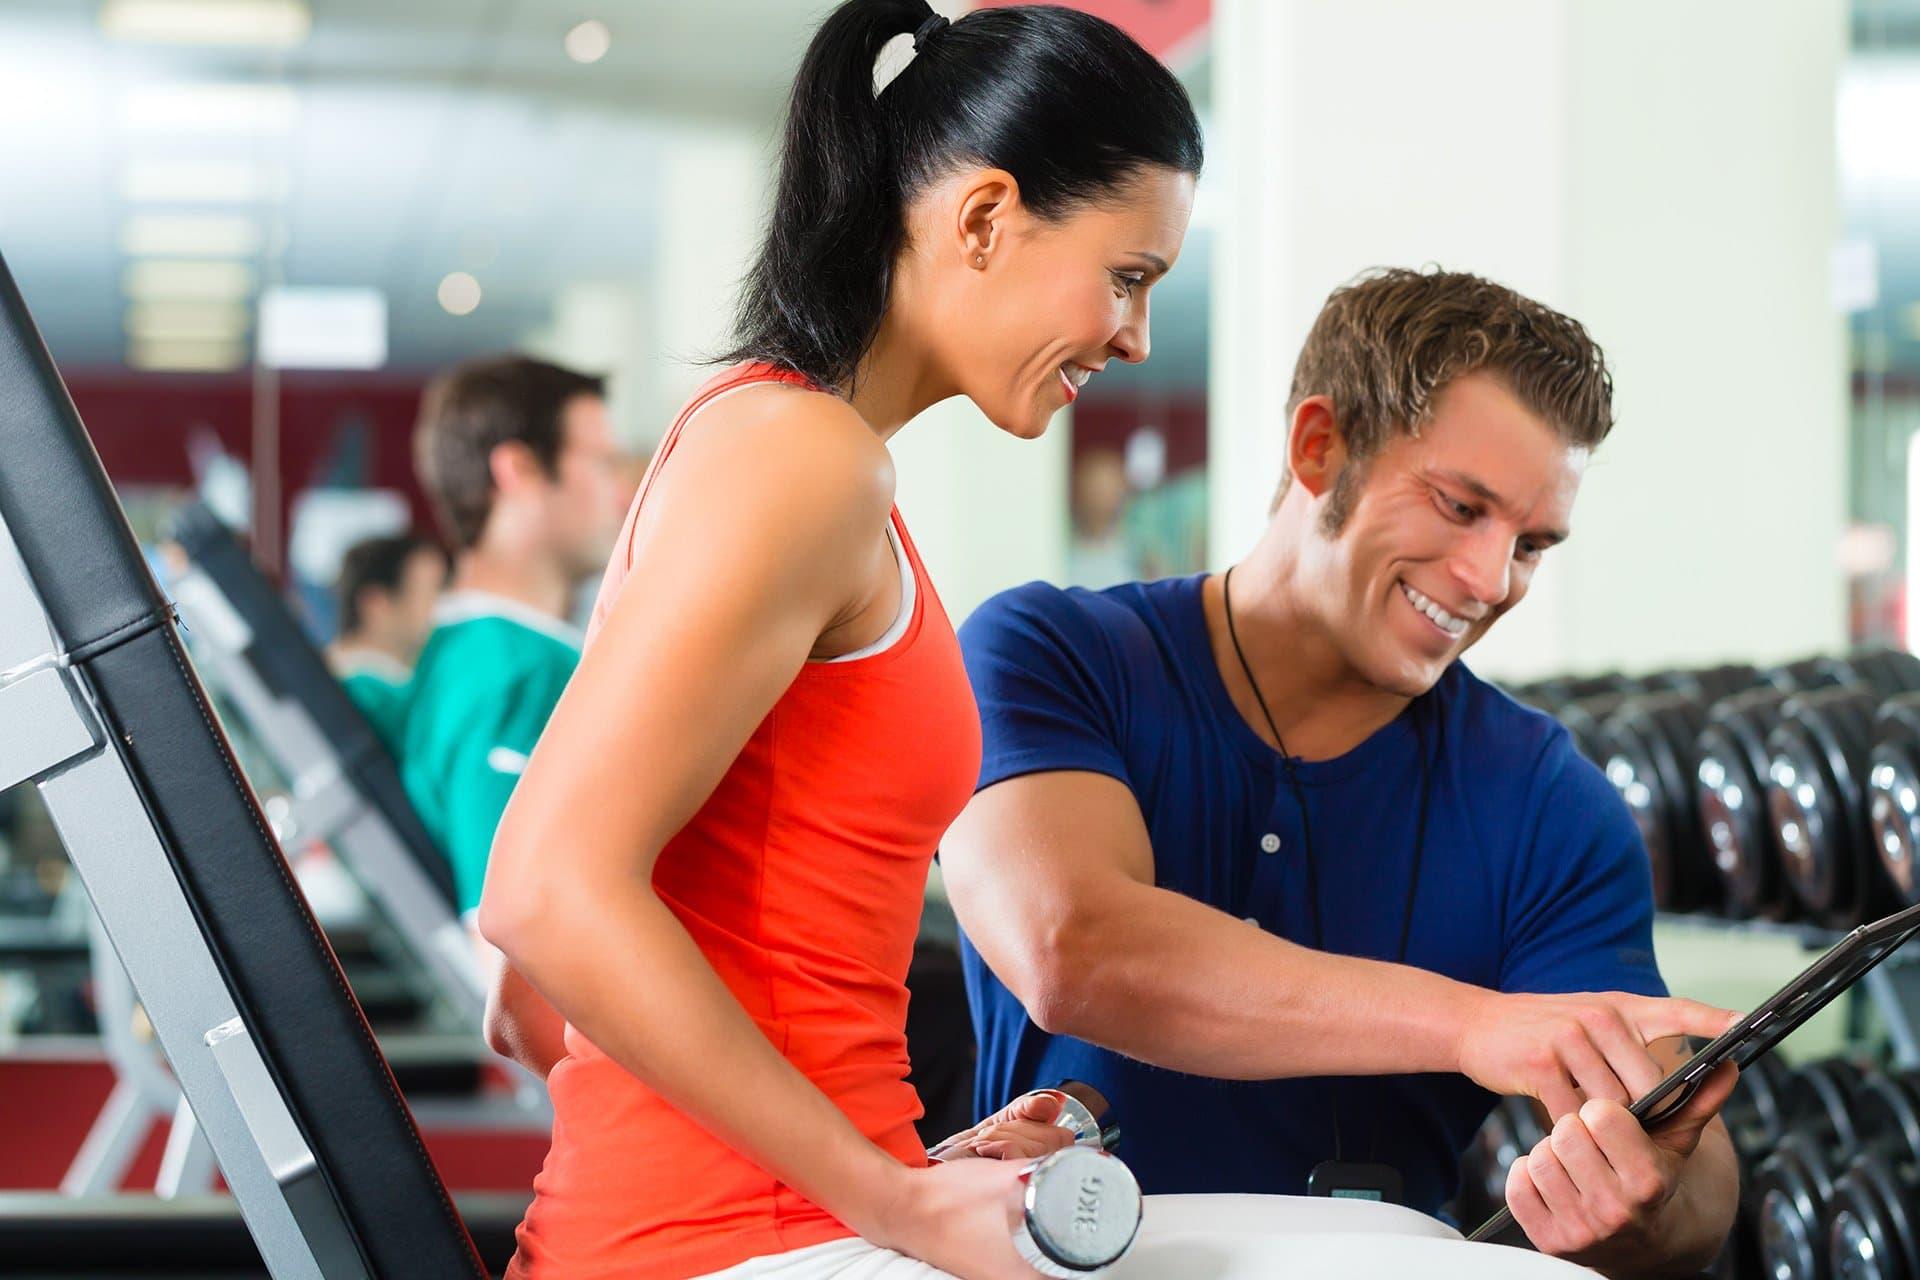 как познакомиться с девушкой на тренировке